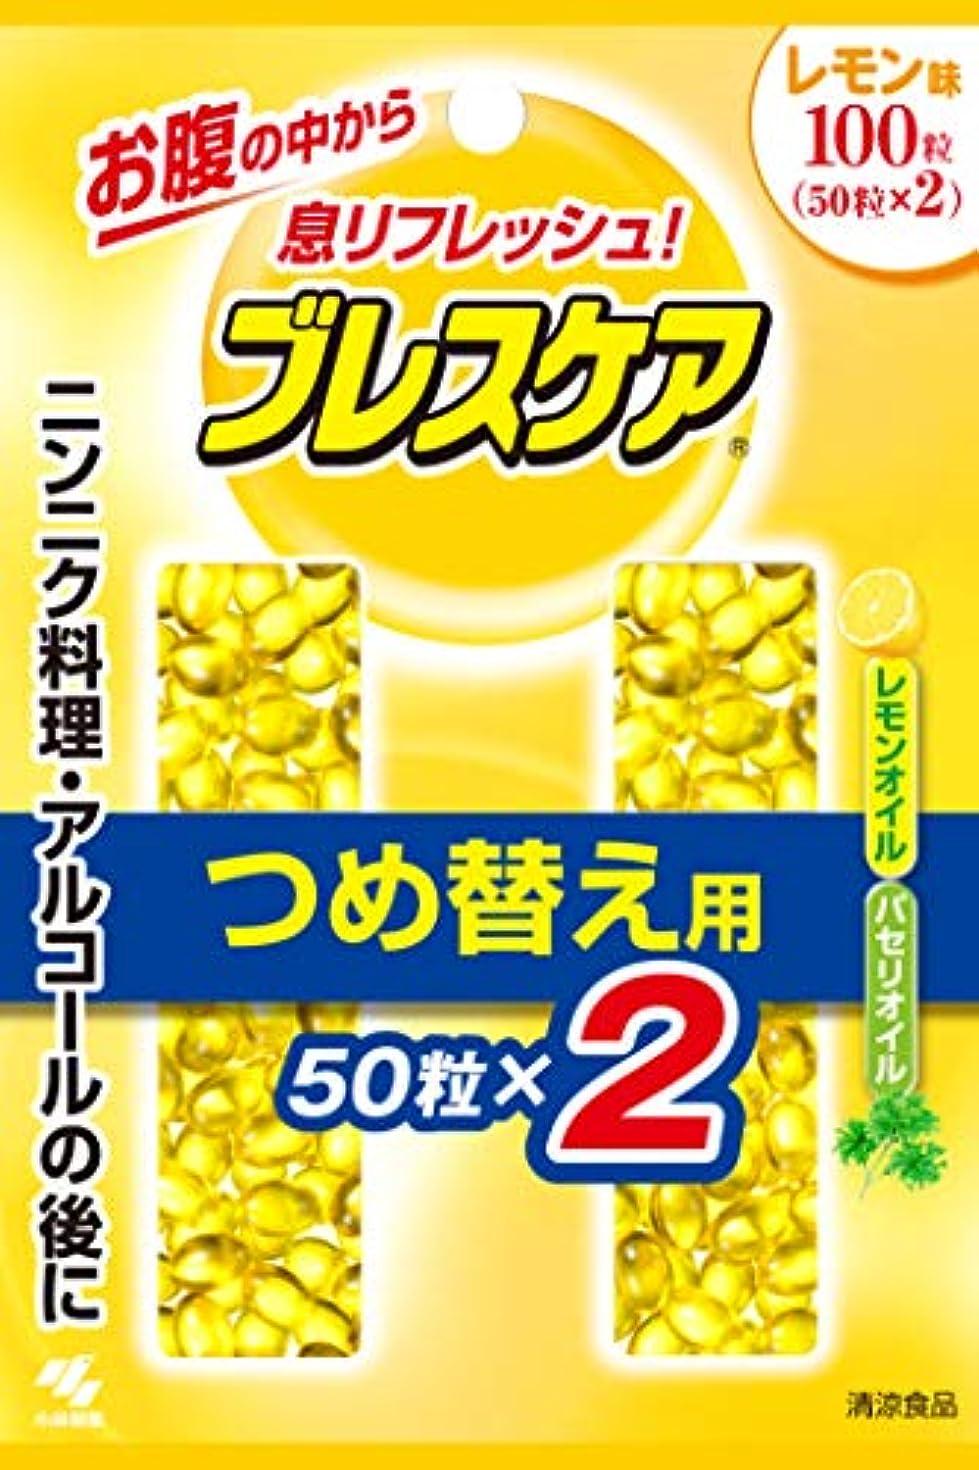 噂見積りへこみブレスケア 水で飲む息清涼カプセル 詰め替え用 レモン 100粒(50粒×2個